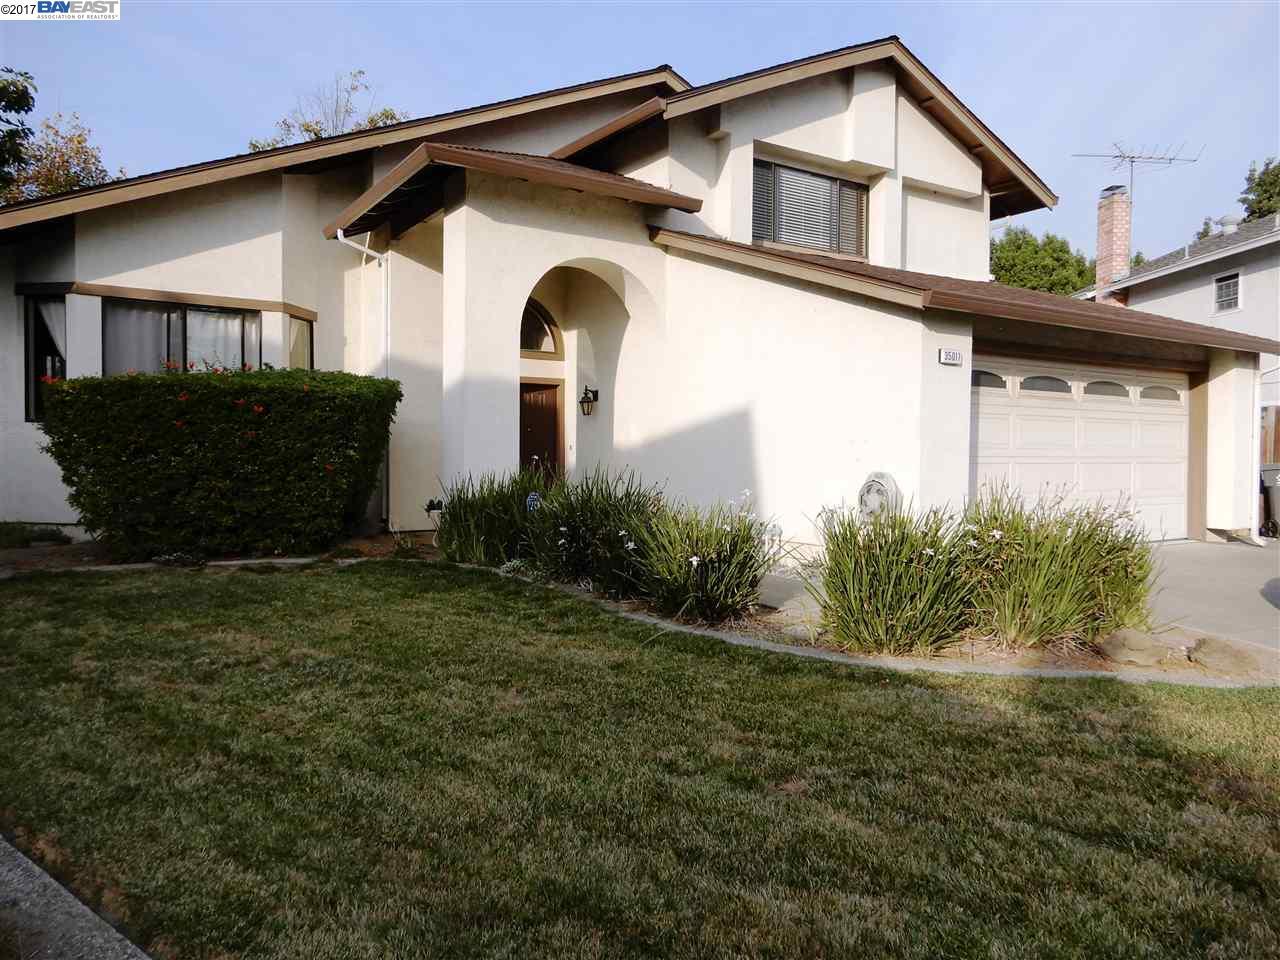 Частный односемейный дом для того Аренда на 35011 Sellers Court 35011 Sellers Court Fremont, Калифорния 94536 Соединенные Штаты